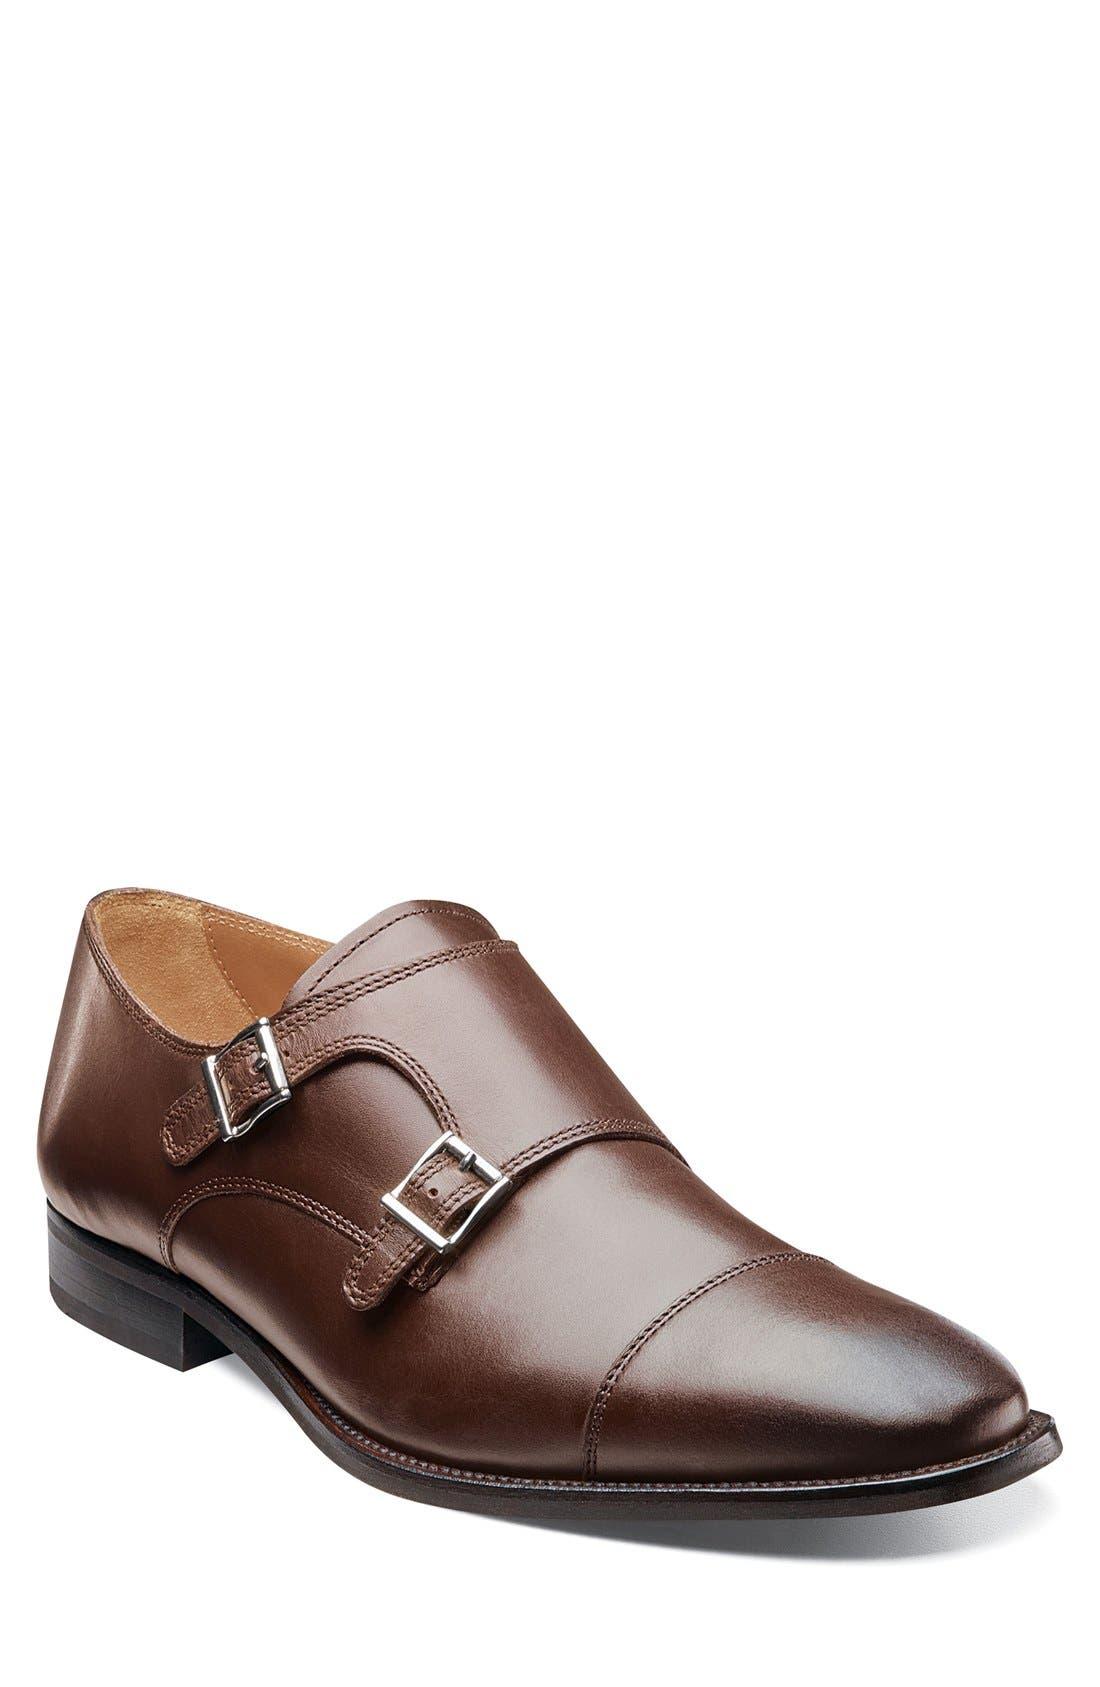 'Sabato' Double Monk Strap Shoe,                             Main thumbnail 1, color,                             BROWN